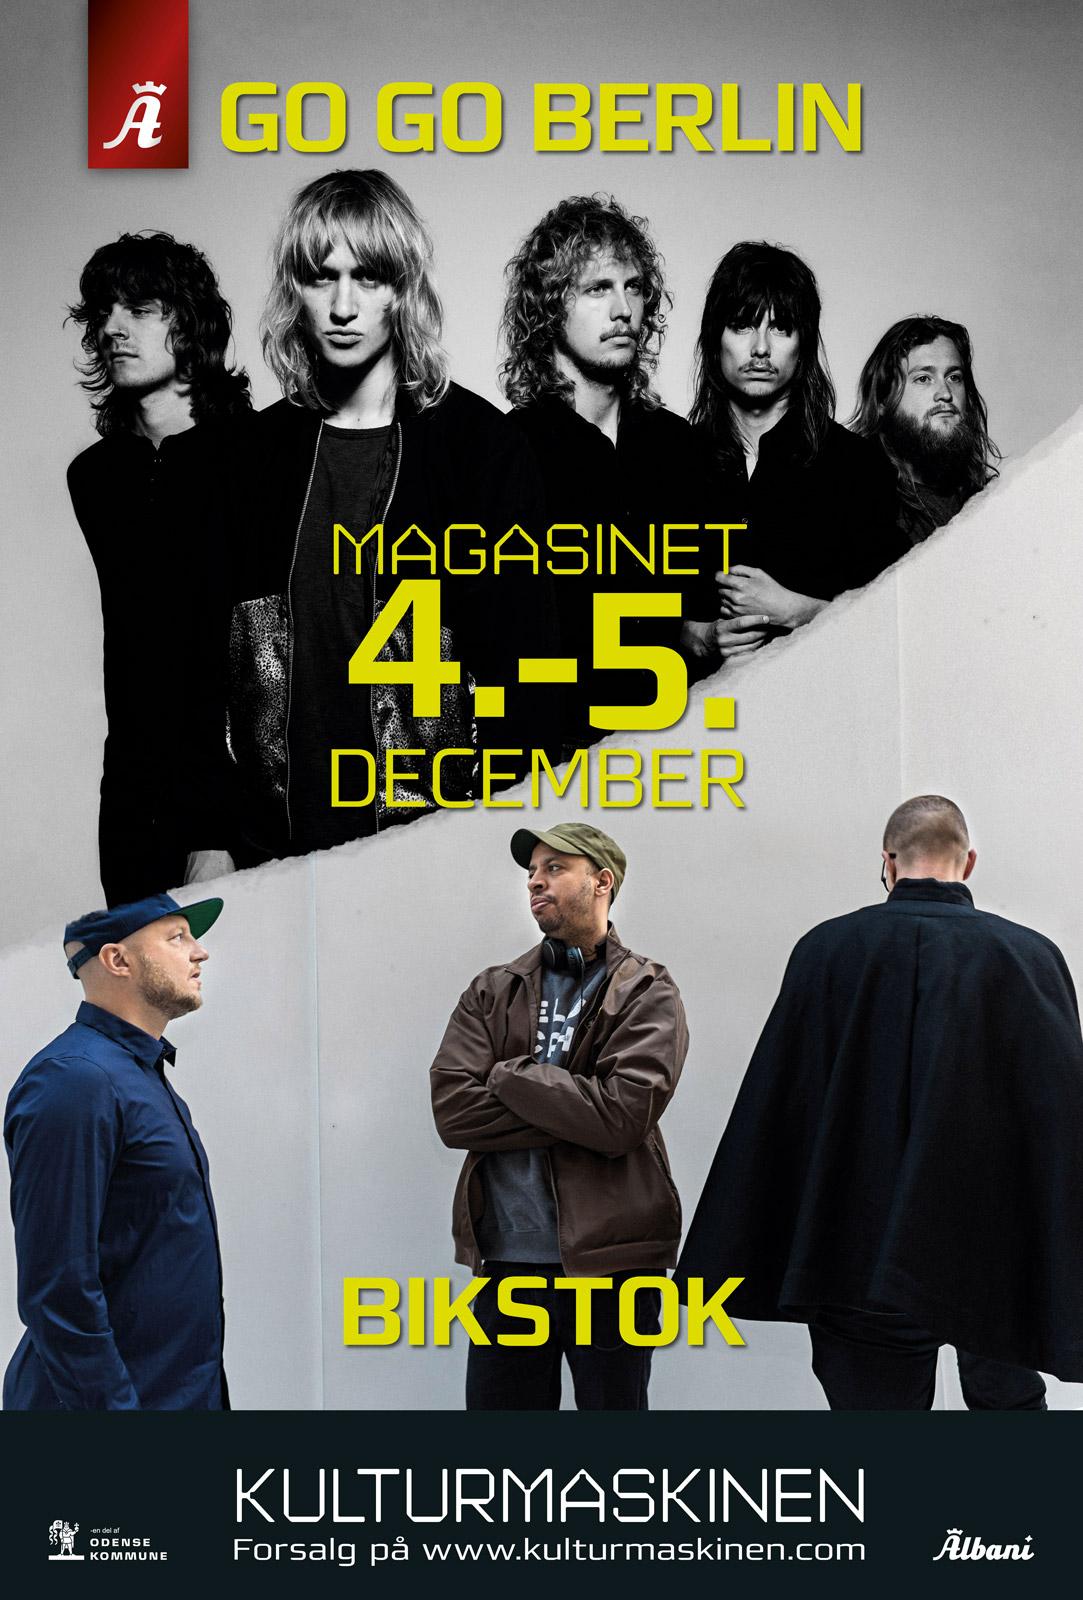 Go Go Berlin og Bikstok